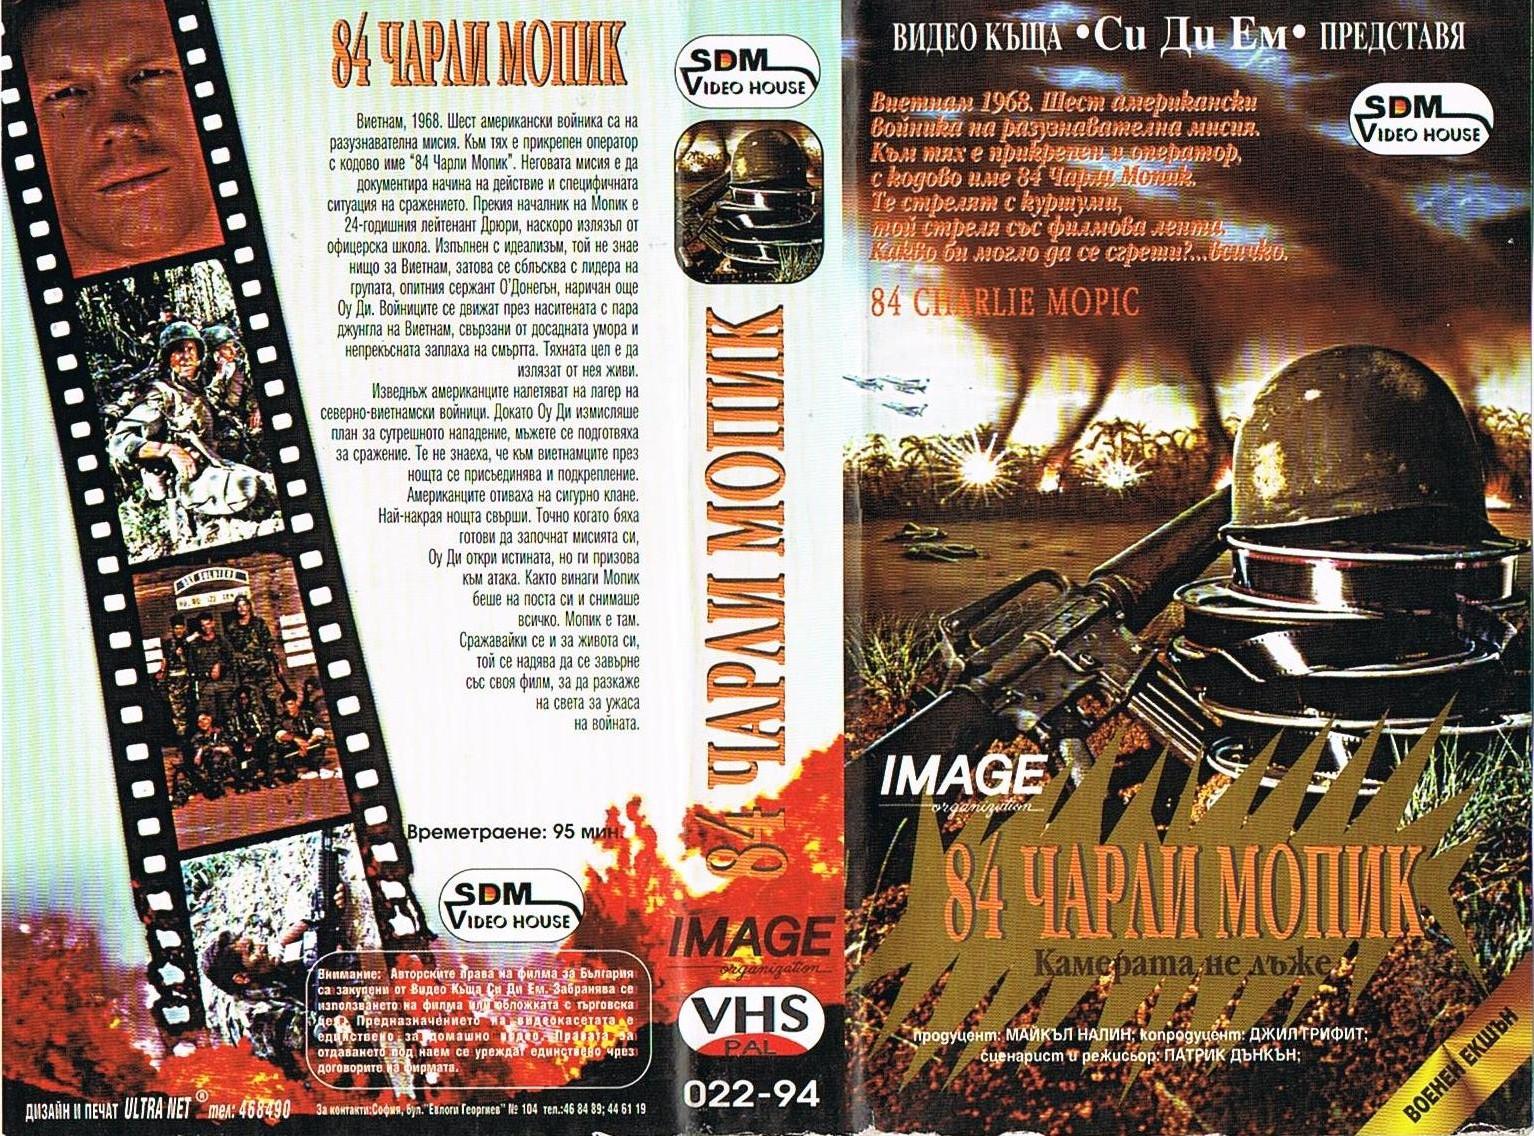 84 Чарли Мопик филм